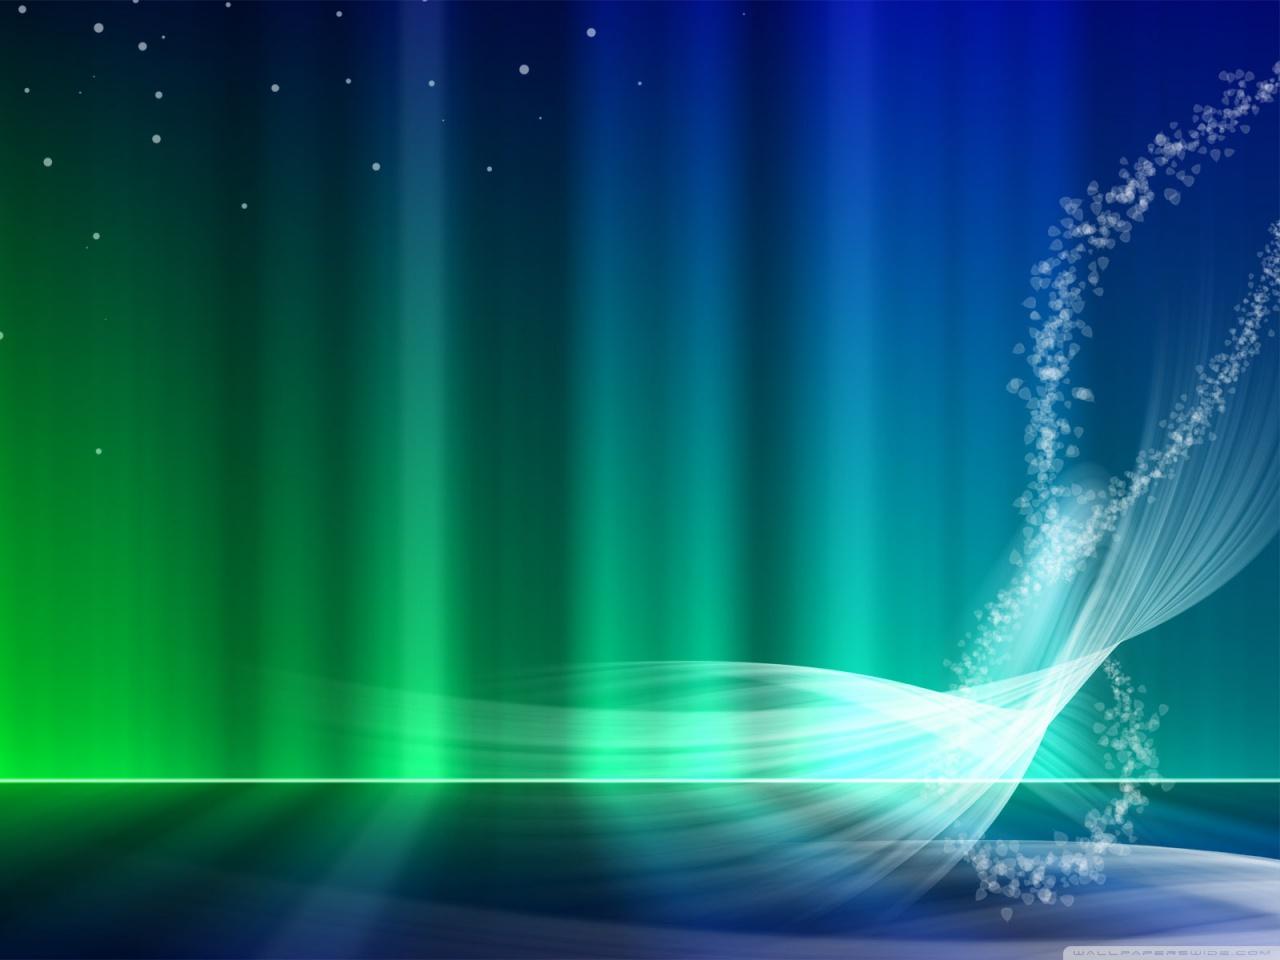 Vista Blue And Green Aurora HD desktop wallpaper : Widescreen